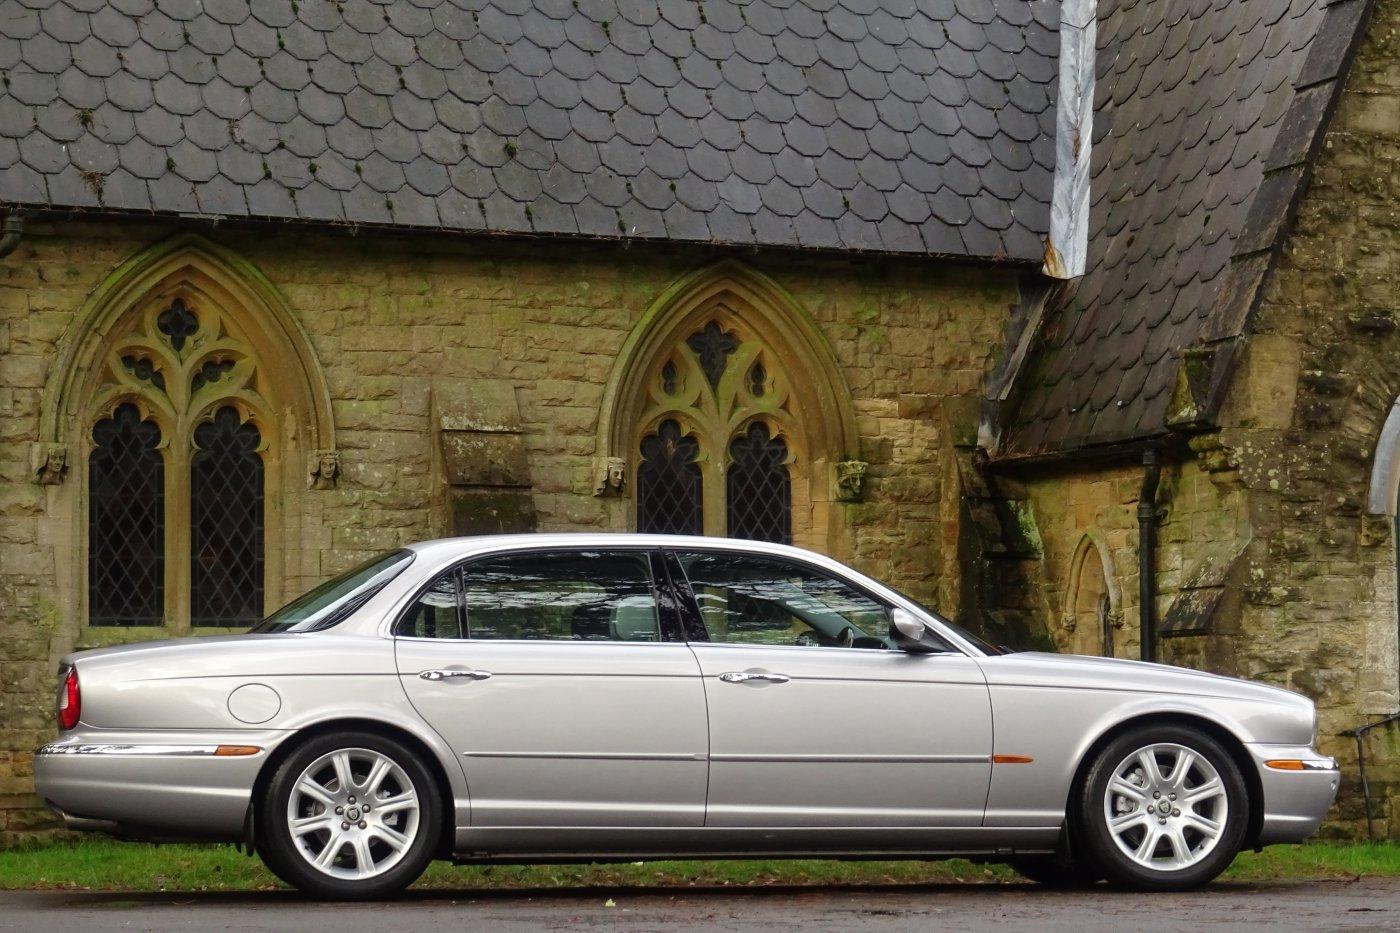 2005 JAGUAR XJ8 V8 SOVEREIGN 4DR LWB For Sale (picture 2 of 6)